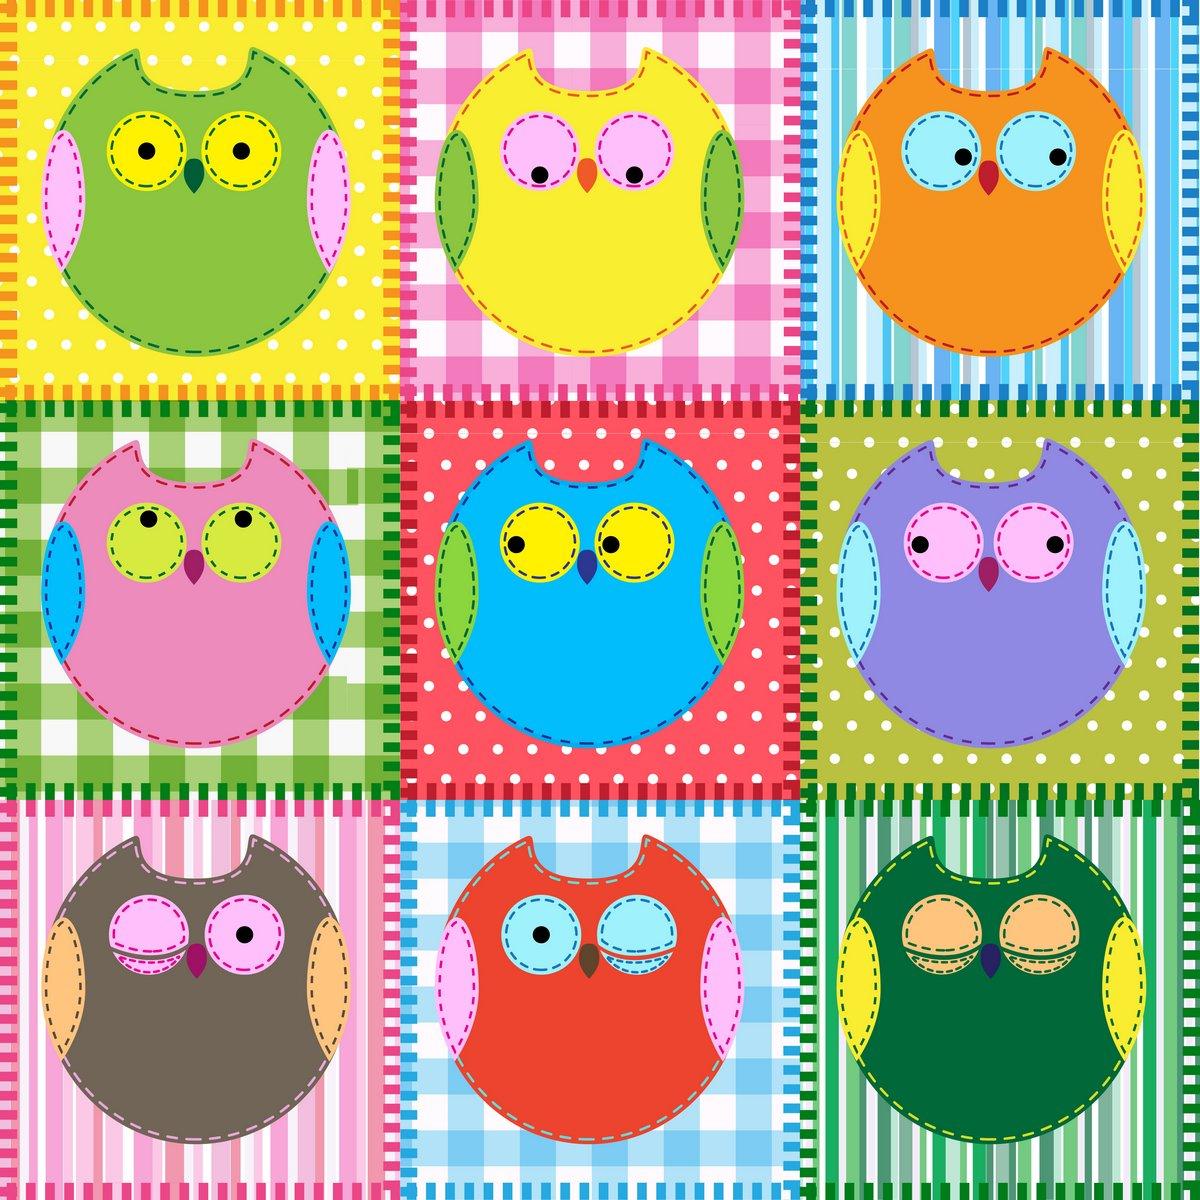 Постер Дизайнерские обои для детской Лоскутное фон с разноцветными совДизайнерские обои для детской<br>Постер на холсте или бумаге. Любого нужного вам размера. В раме или без. Подвес в комплекте. Трехслойная надежная упаковка. Доставим в любую точку России. Вам осталось только повесить картину на стену!<br>